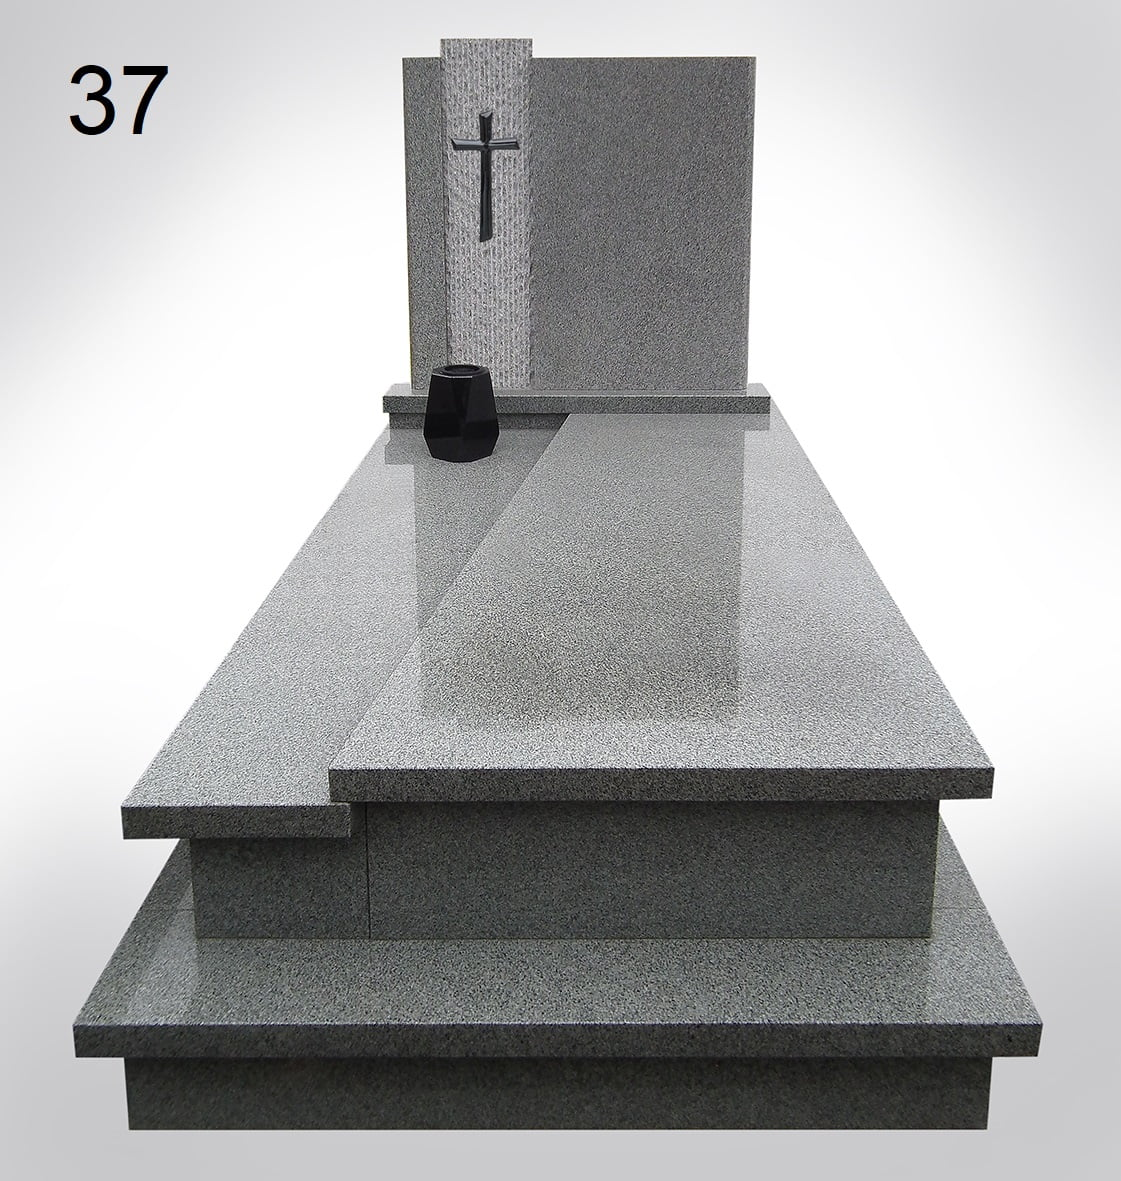 Marmurowy nagrobek z krzyżem i donicą - Nagrobki Bielsko-Biała